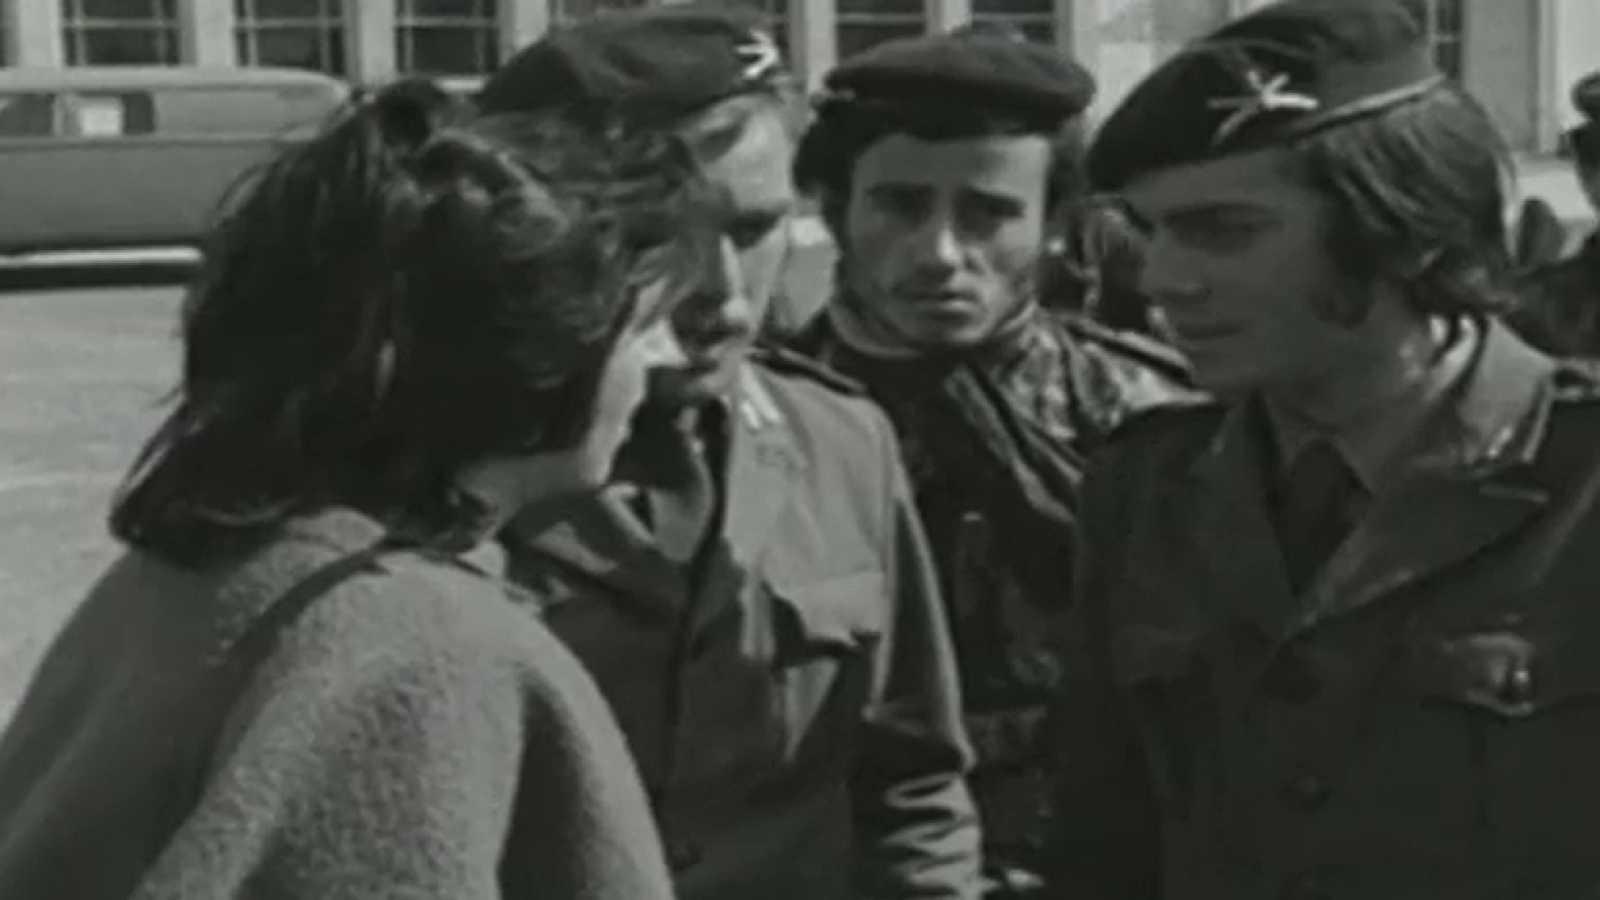 Informe semanal - Portugal, caos revolucionario